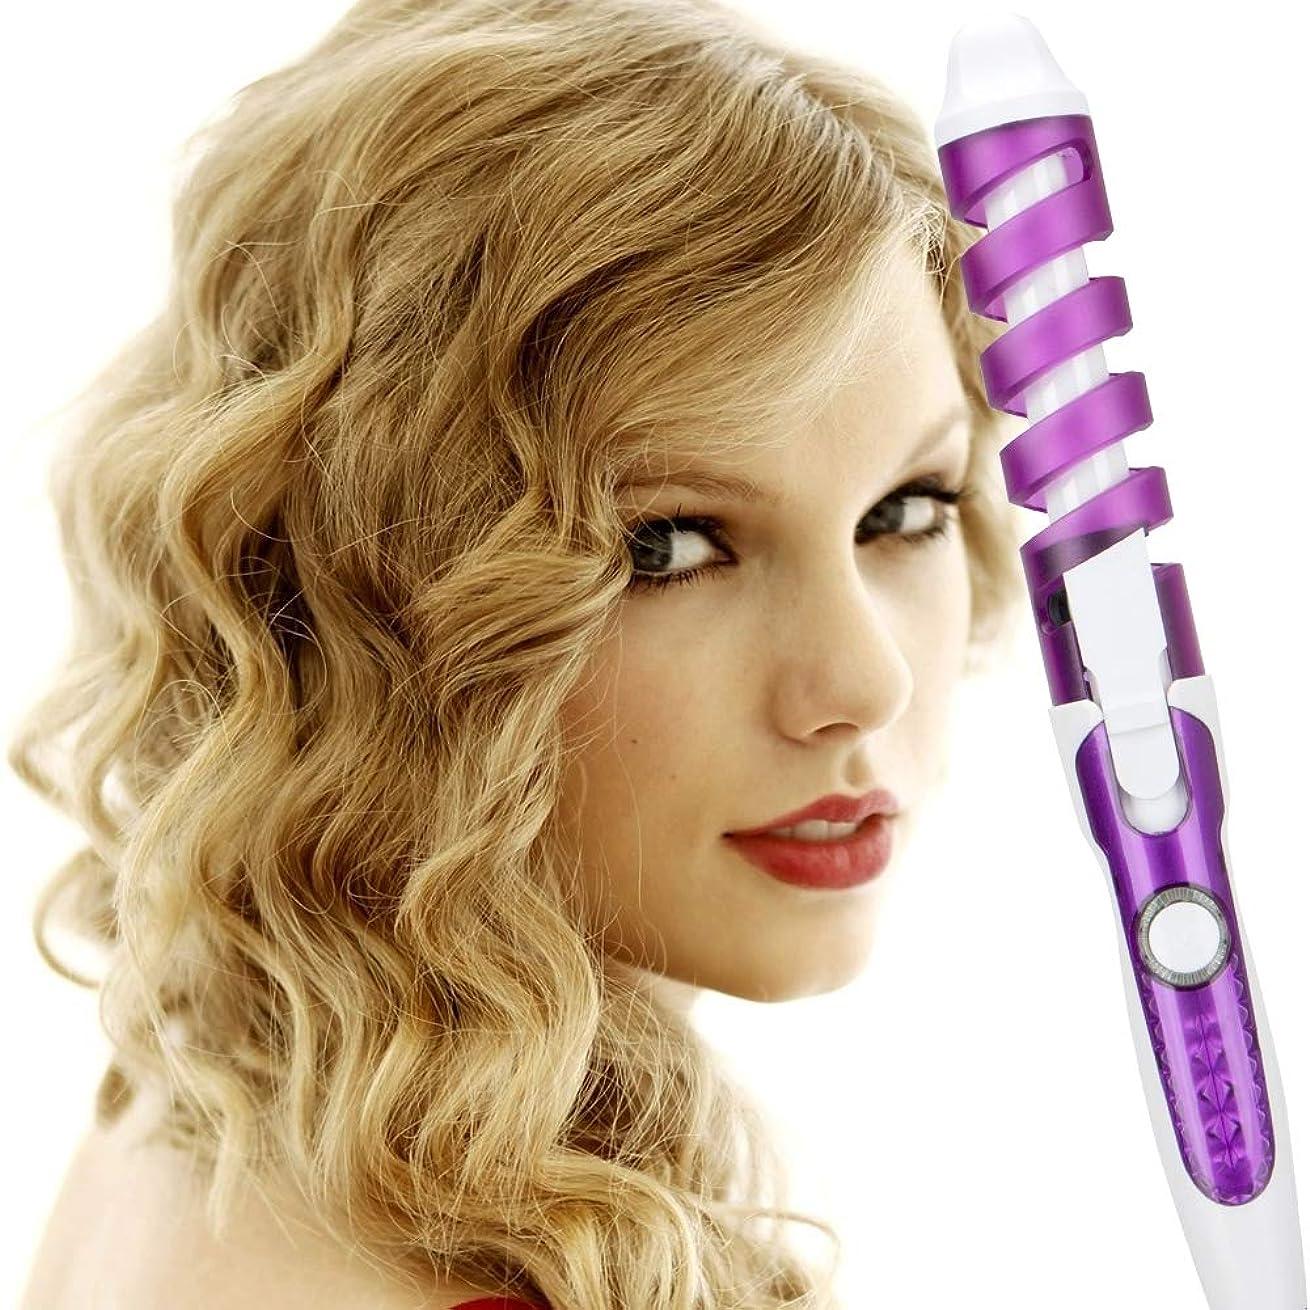 非互換作曲家ルビープロのヘアカーラーマジックスパイラルカーリングアイロン高速加熱カーリングワンド電気ヘアスタイラープロスタイリングツール用女性,Purple